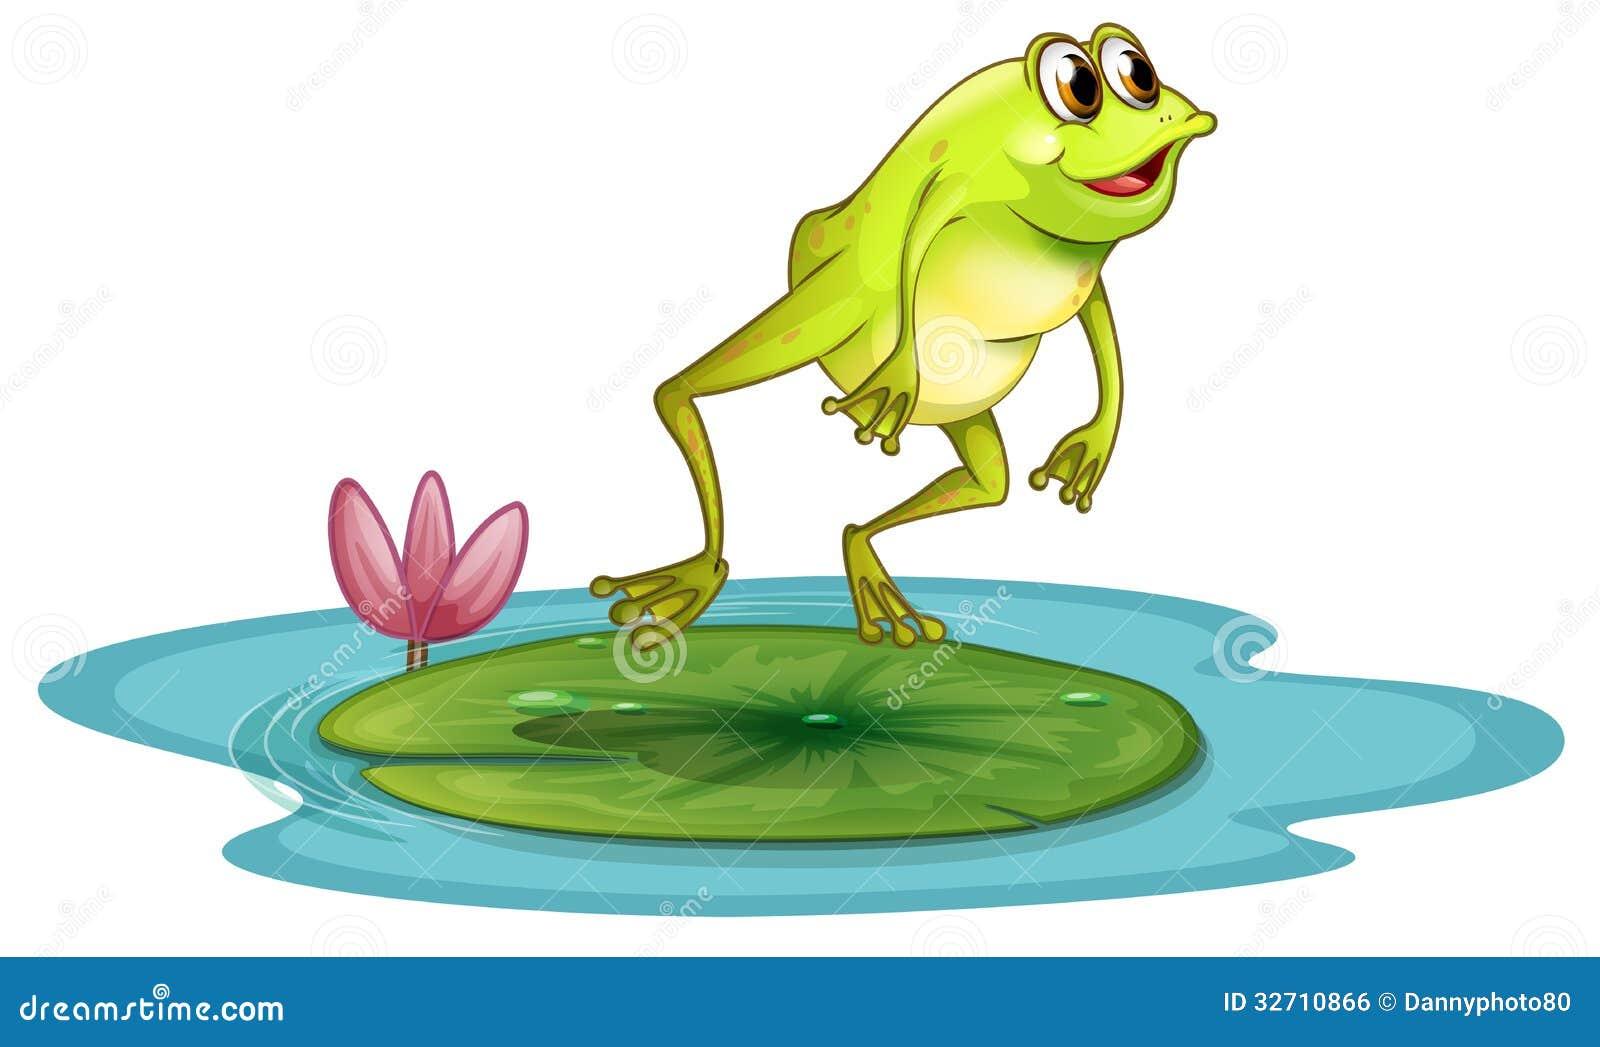 ein frosch in dem teich lizenzfreies stockbild bild 32710866 vectorfog vector forge